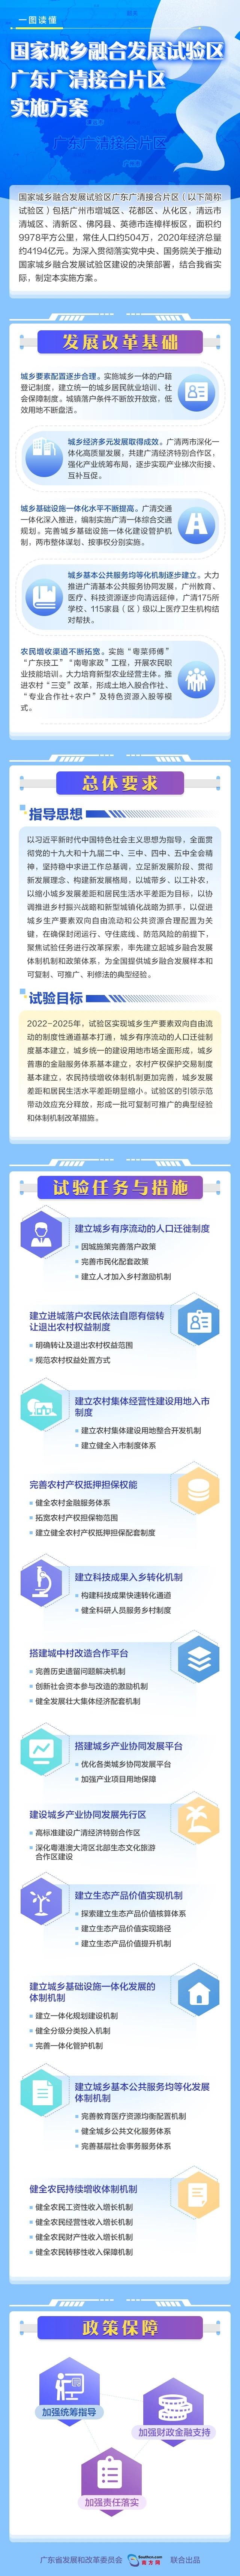 一图读懂-国家城乡融合发展试验区广东广清接合片区实施方案.jpg